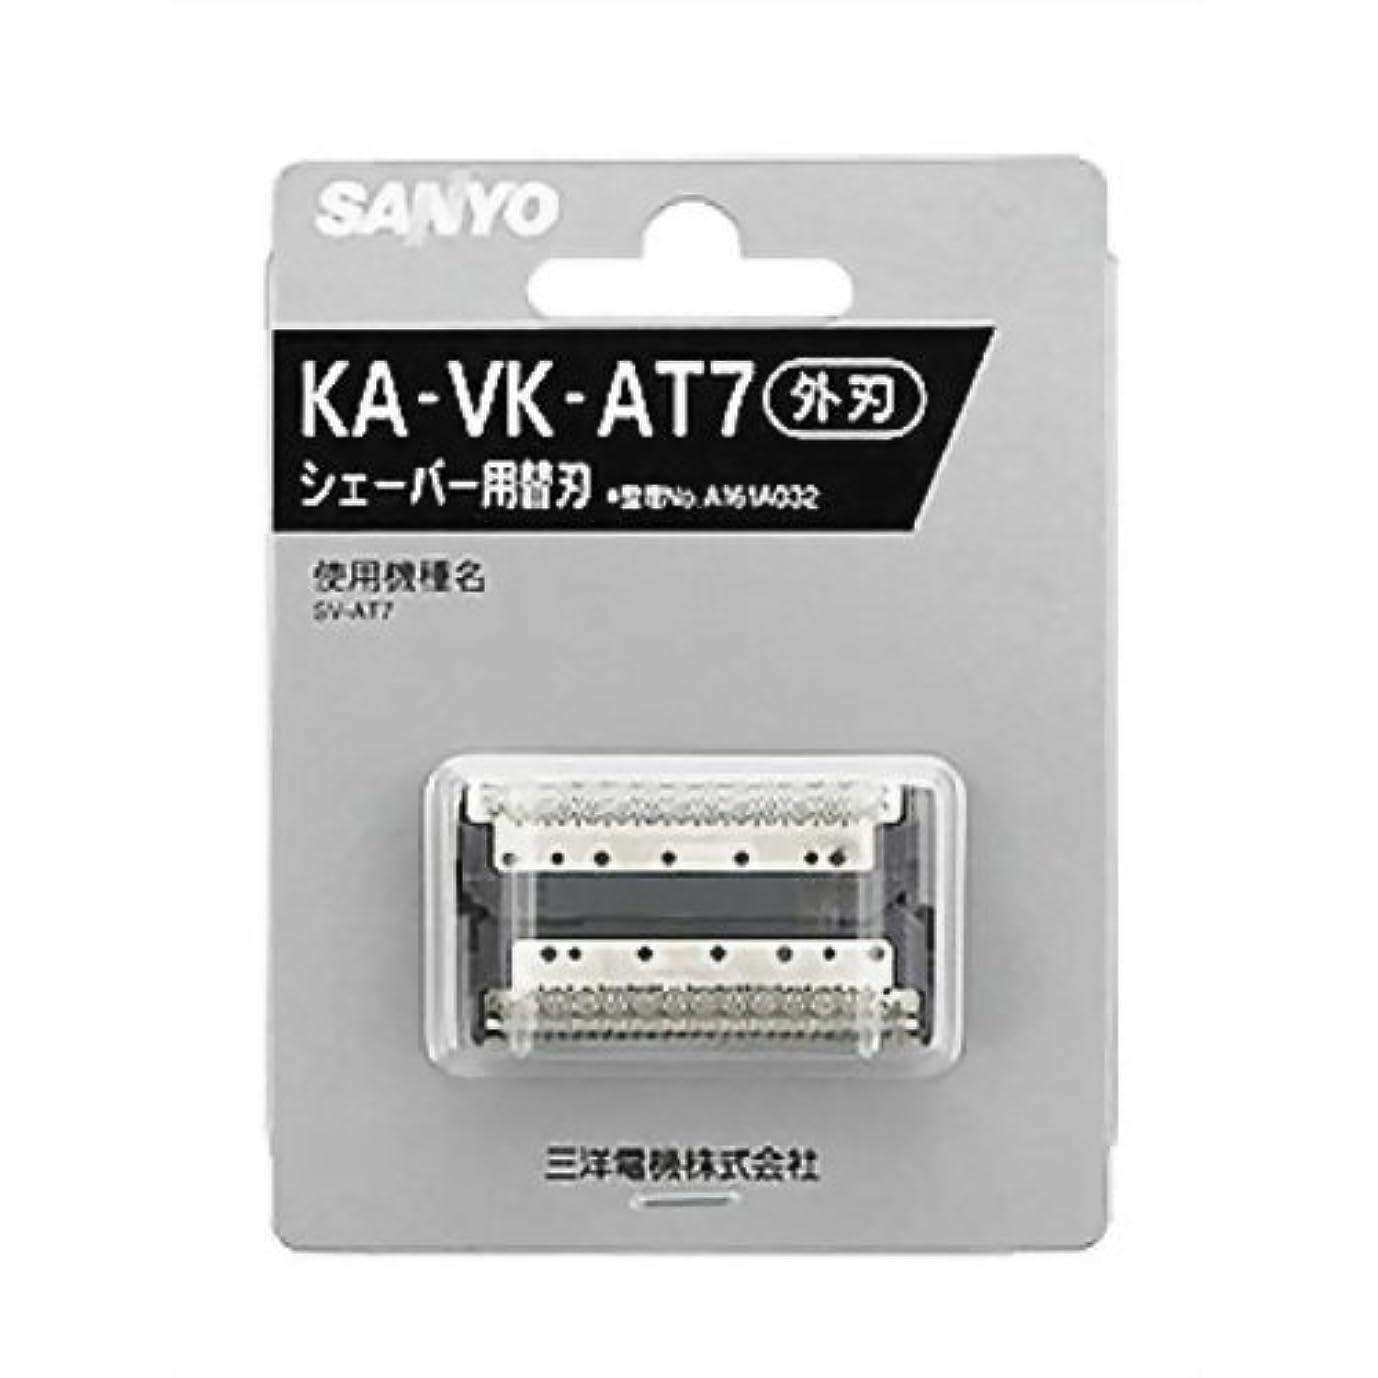 基礎理論逃げる報酬SANYO メンズシェーバー替刃(外刃) KA-VK-AT7